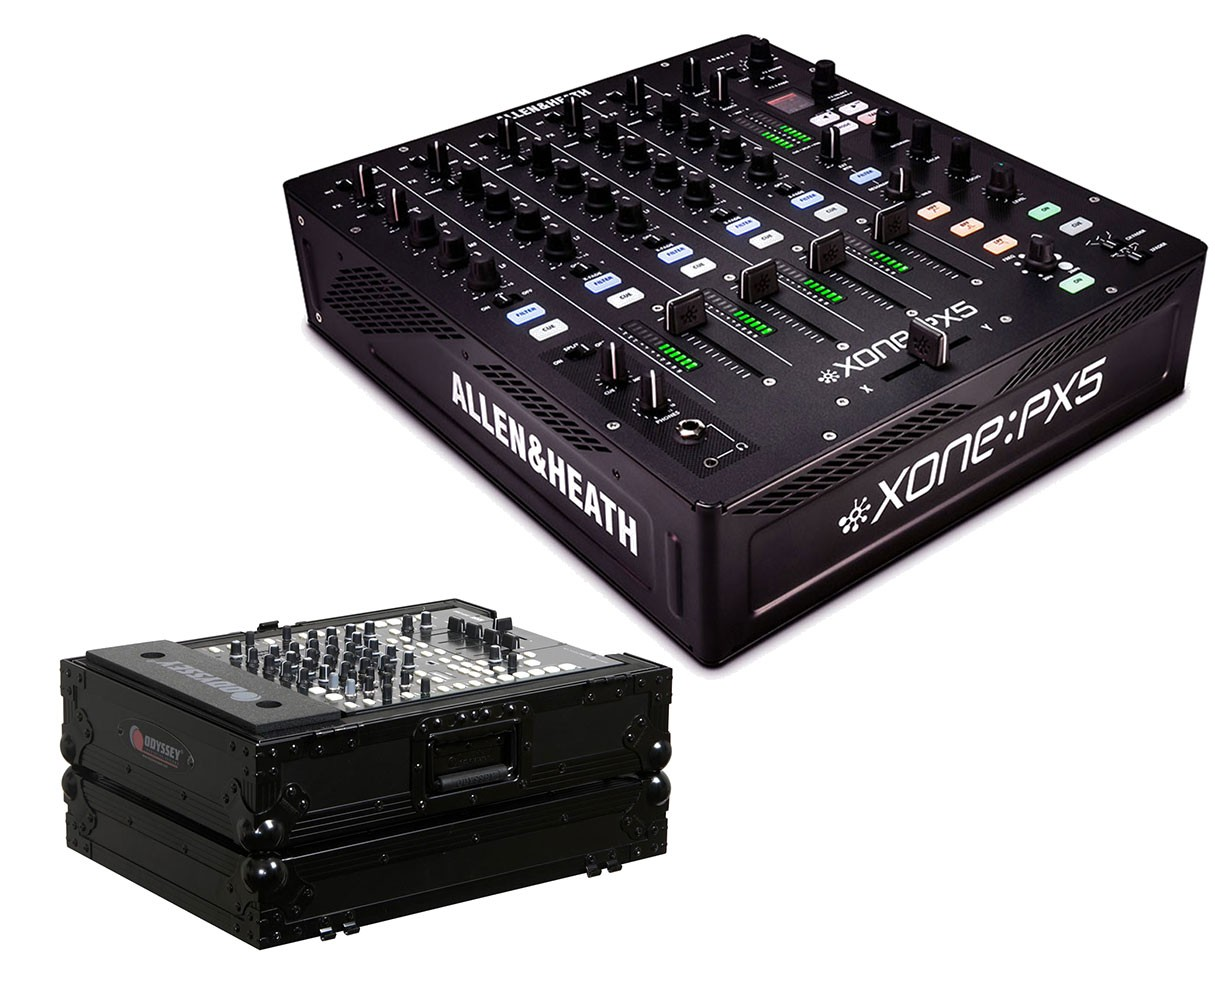 Allen & Heath Xone:PX5 + Odyssey Black Label Case